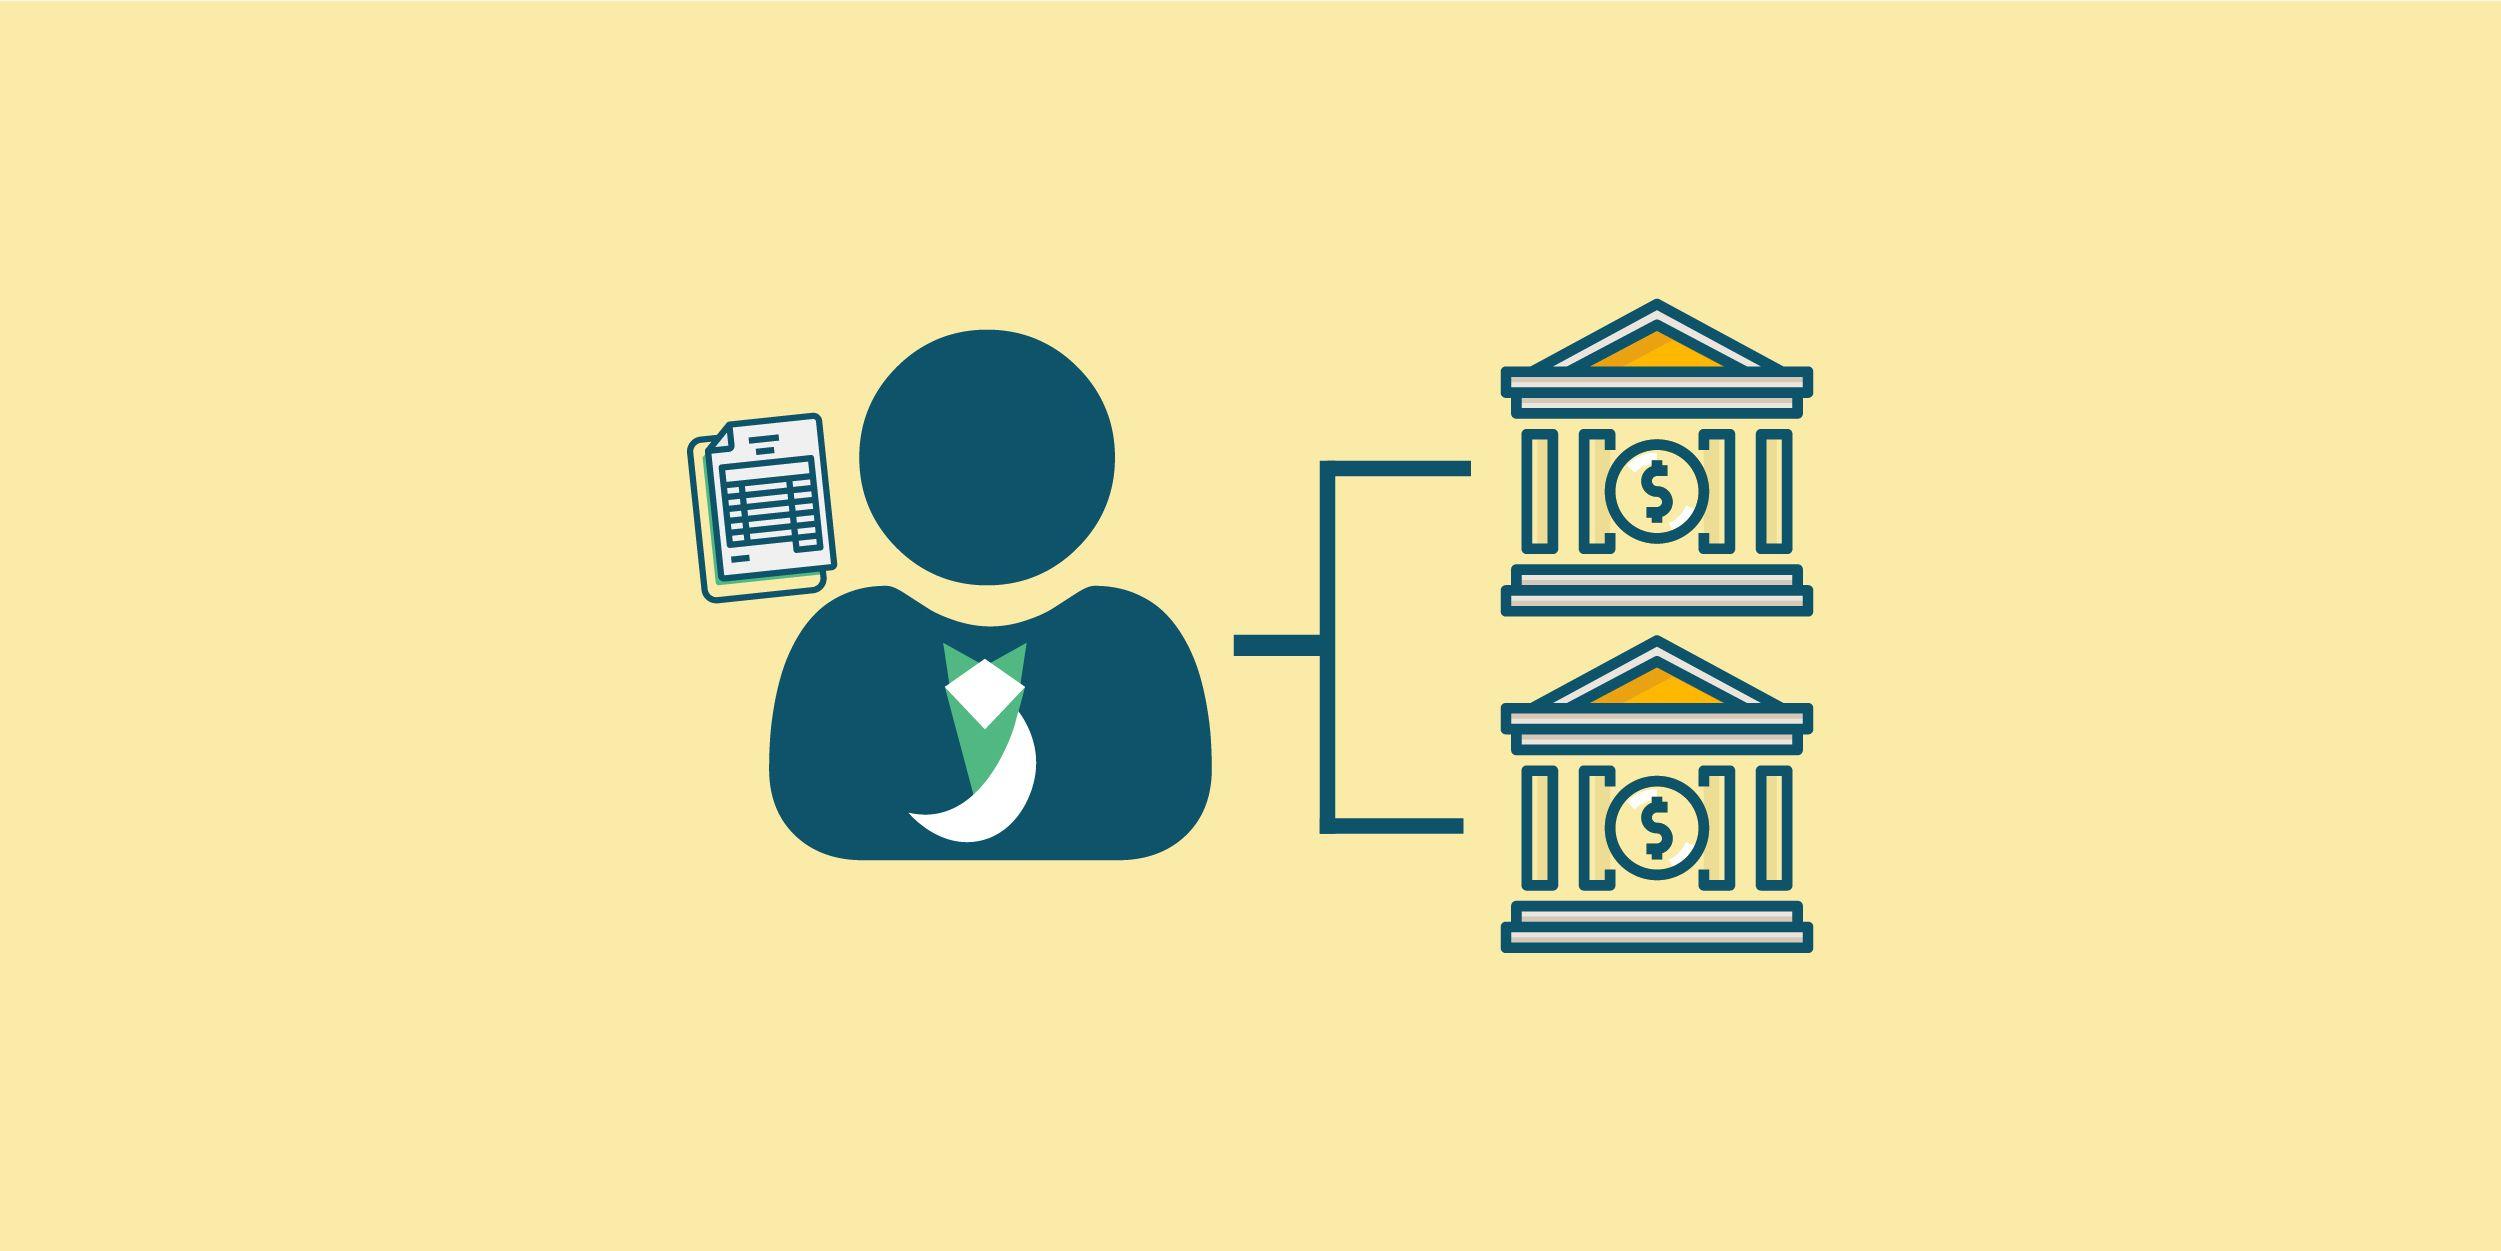 هل ينفع شخص يفتح كذا حساب توفير أو جاري في بنك واحد؟